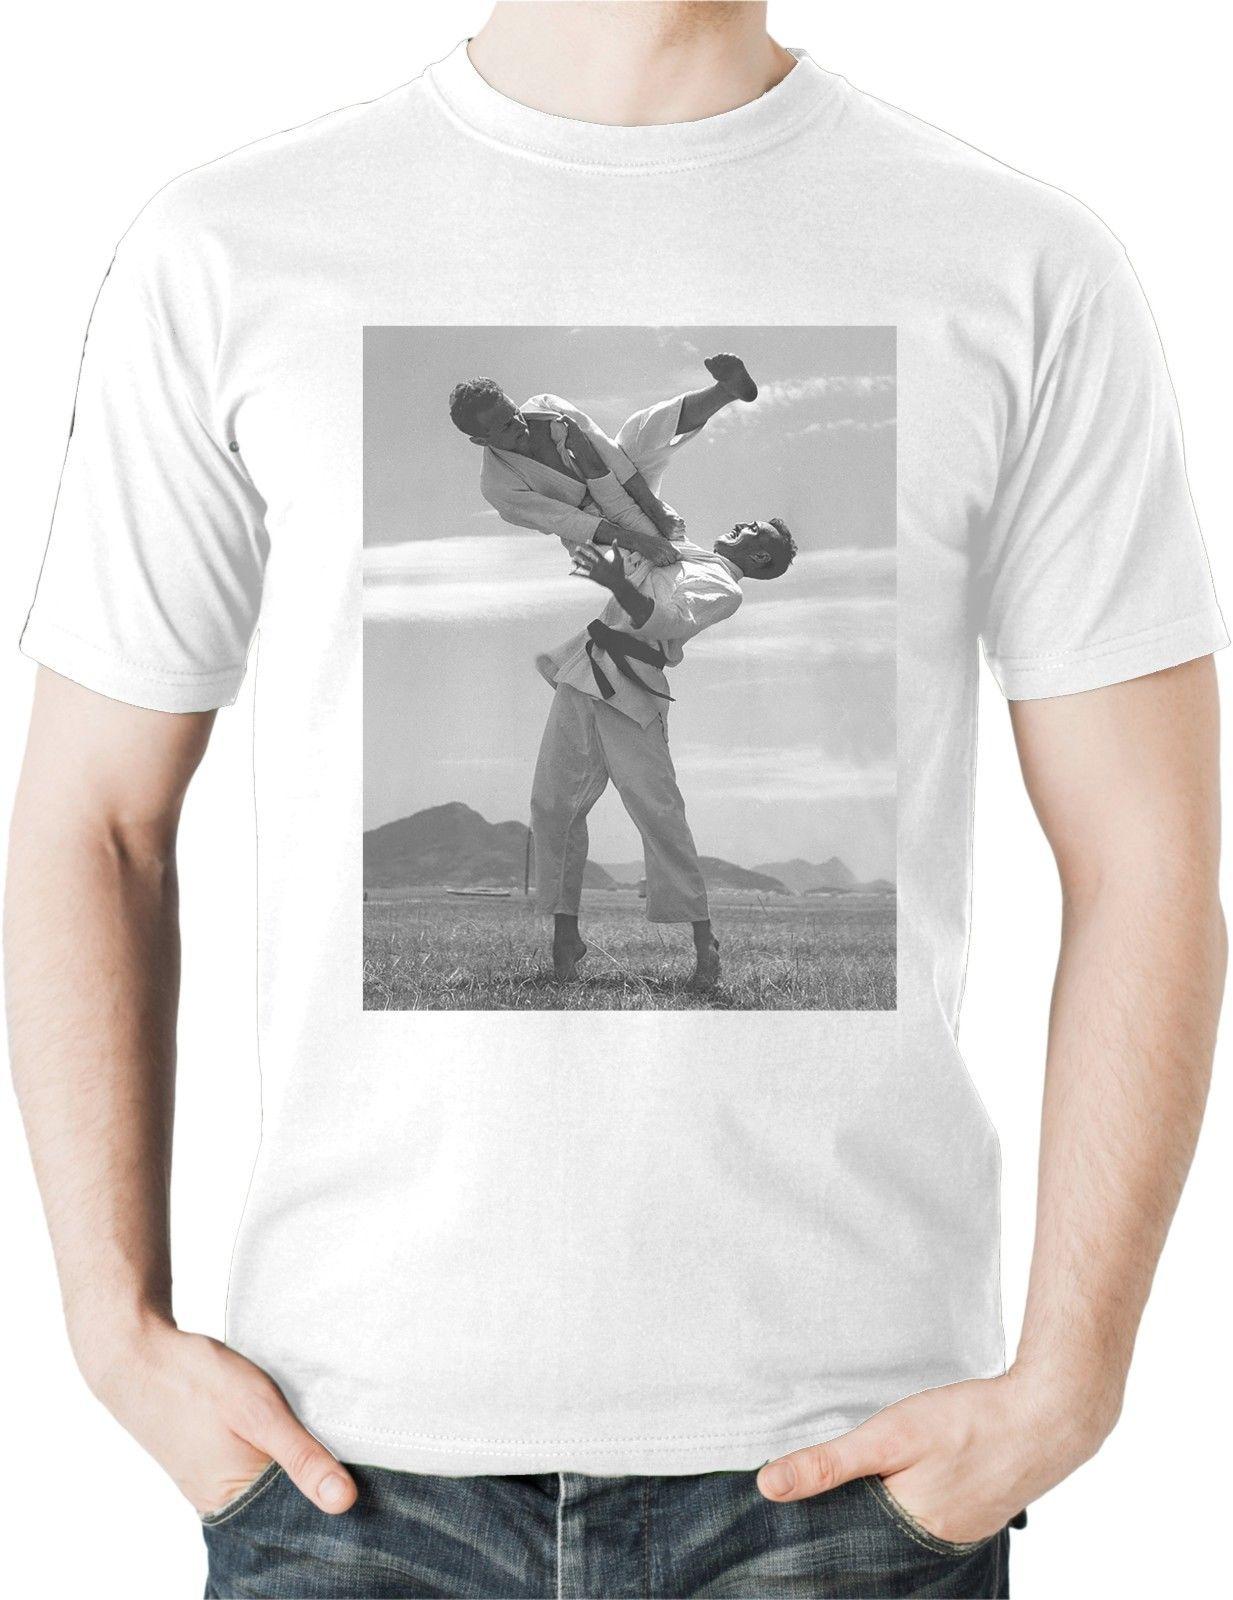 Свободные черные мужские футболки Homme Футболки Carlos Helio Gracie Flying Armbar футболка бразильский джиу джитсу BJJ Martials Футболка с принтом